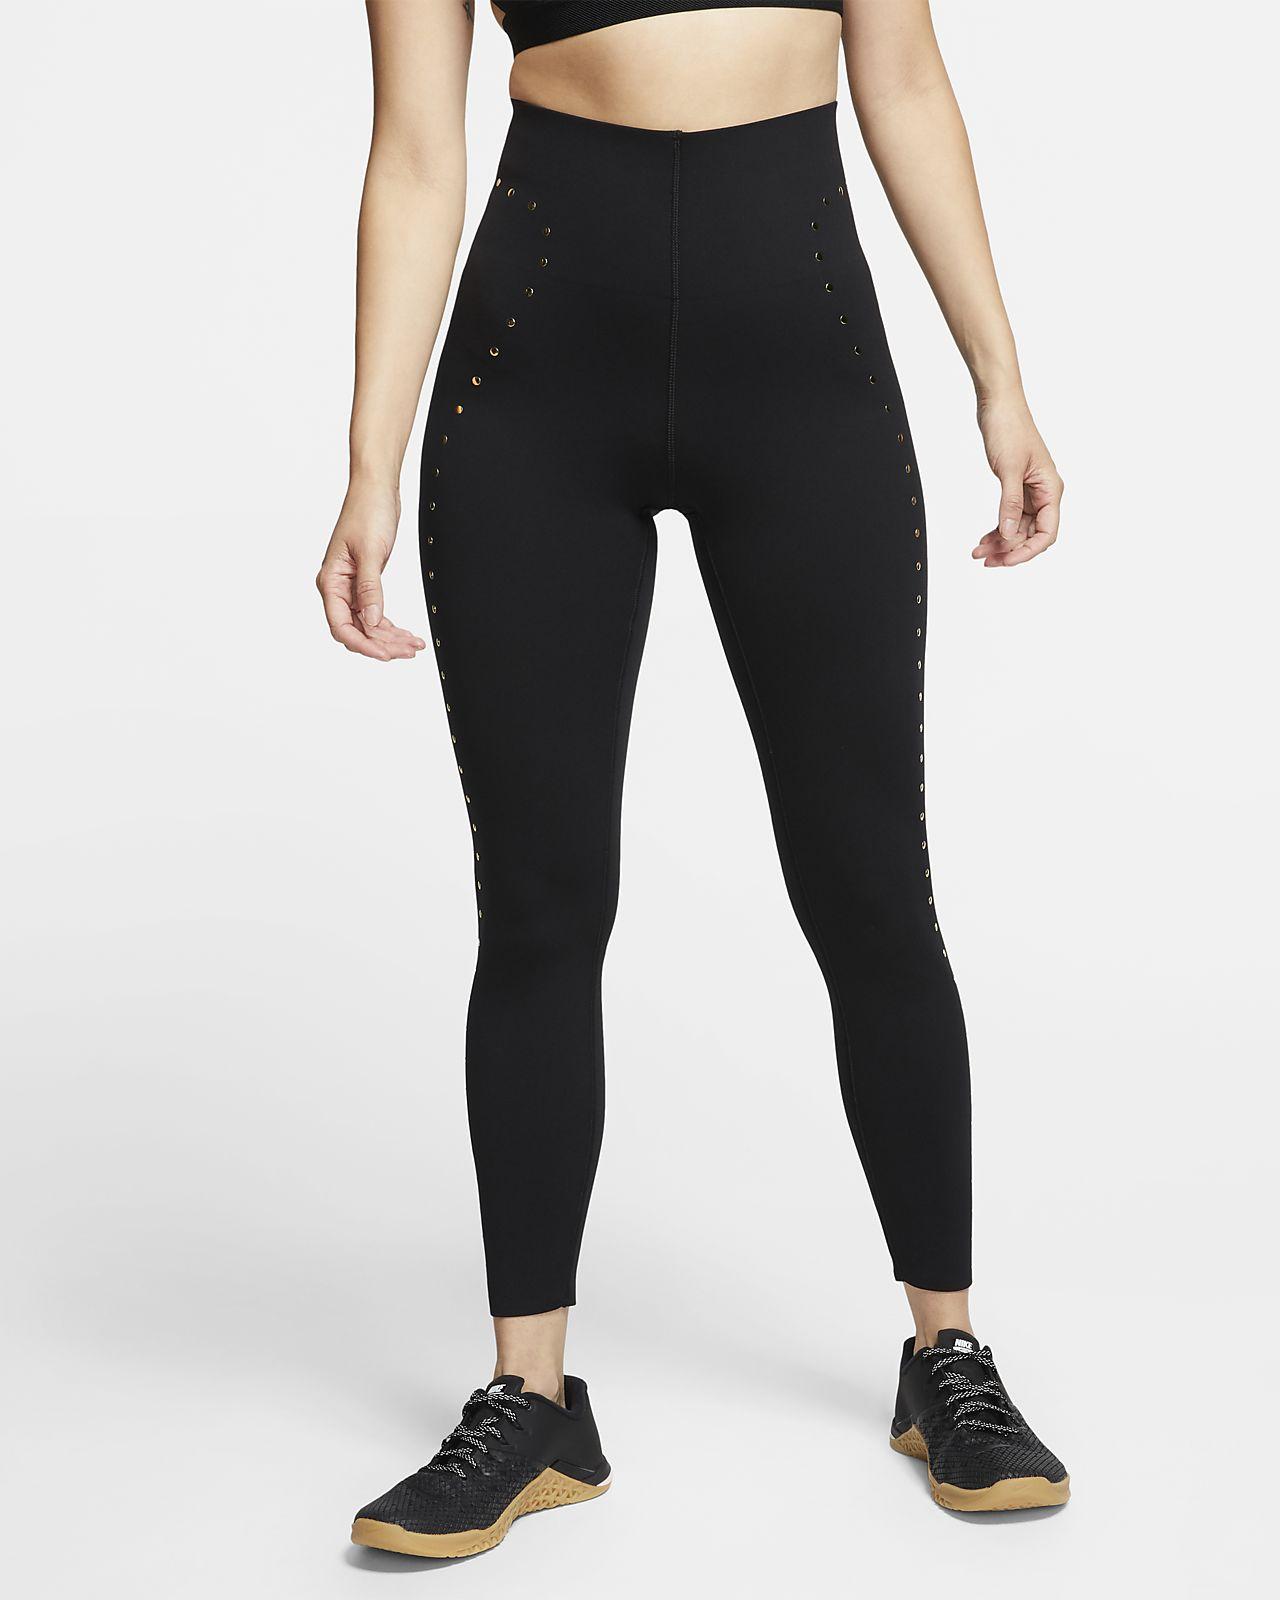 Nike Malles de 7/8 d'entrenament amb tatxes - Dona